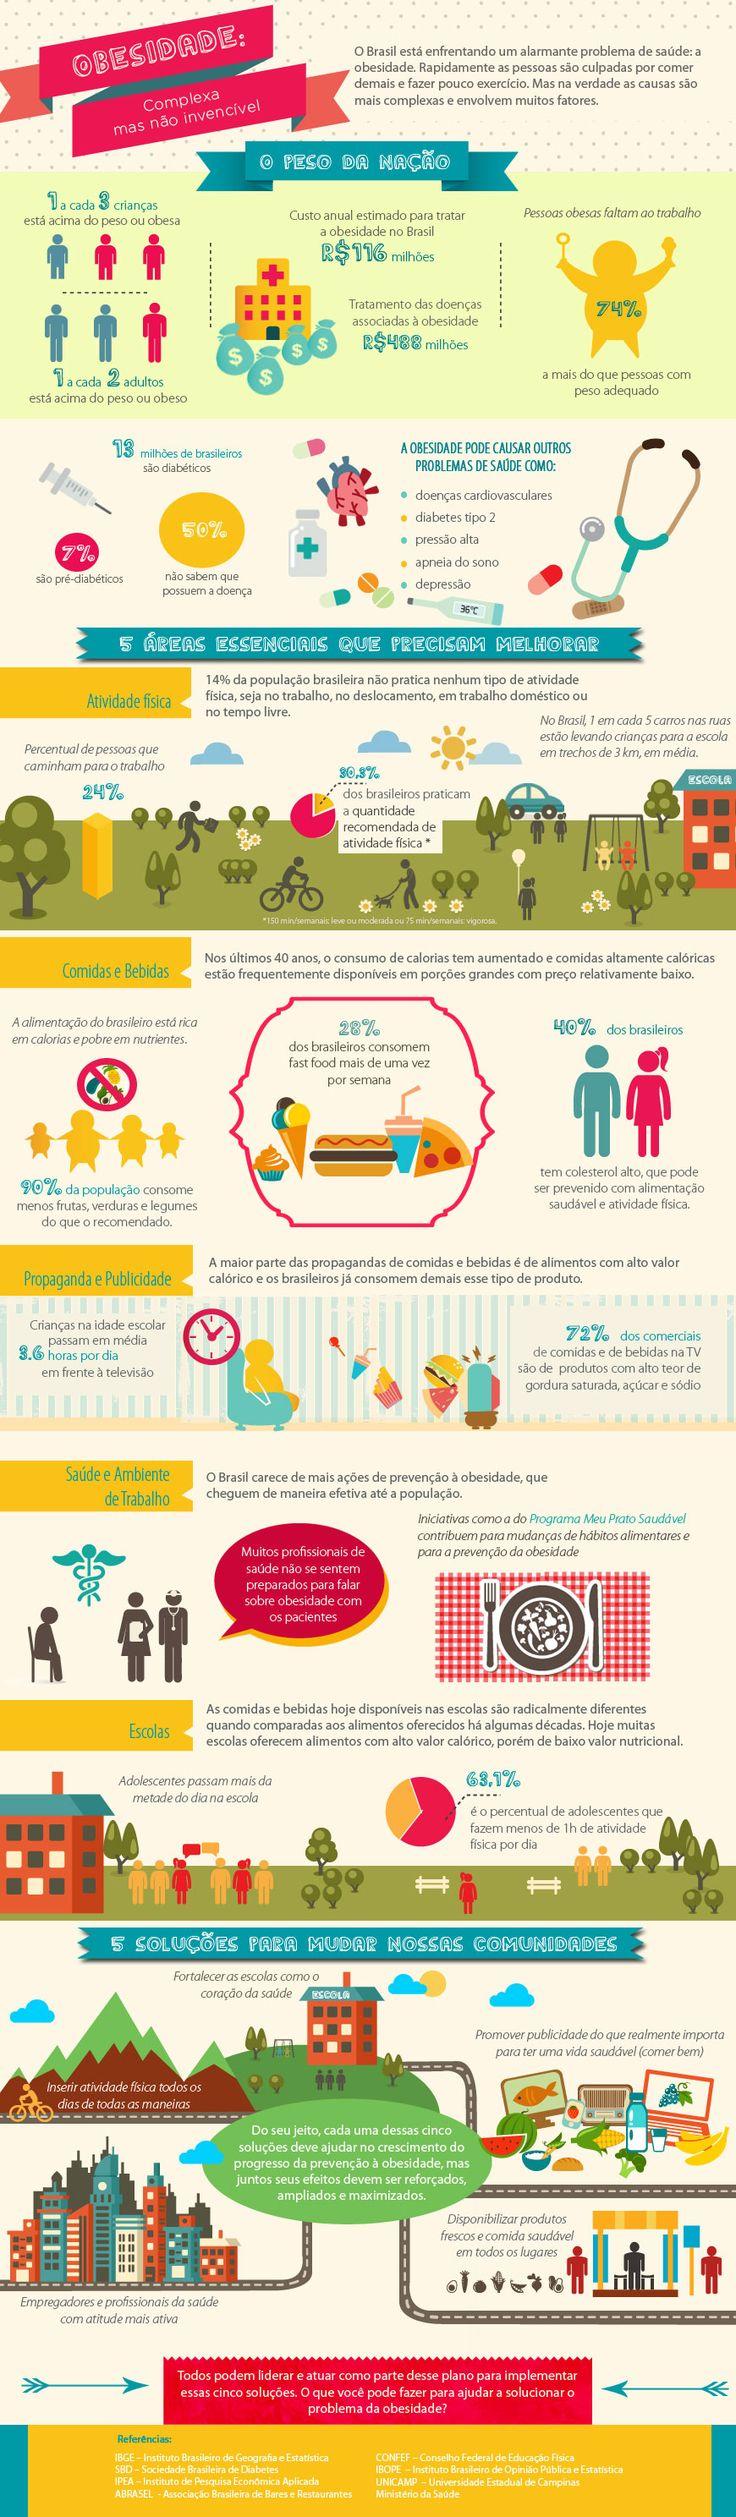 Obesidade: complexa mas não invencível. Obesidade no Brasil: confira as estatísticas. Infográfico sobre a obesidade e excesso de peso no país.